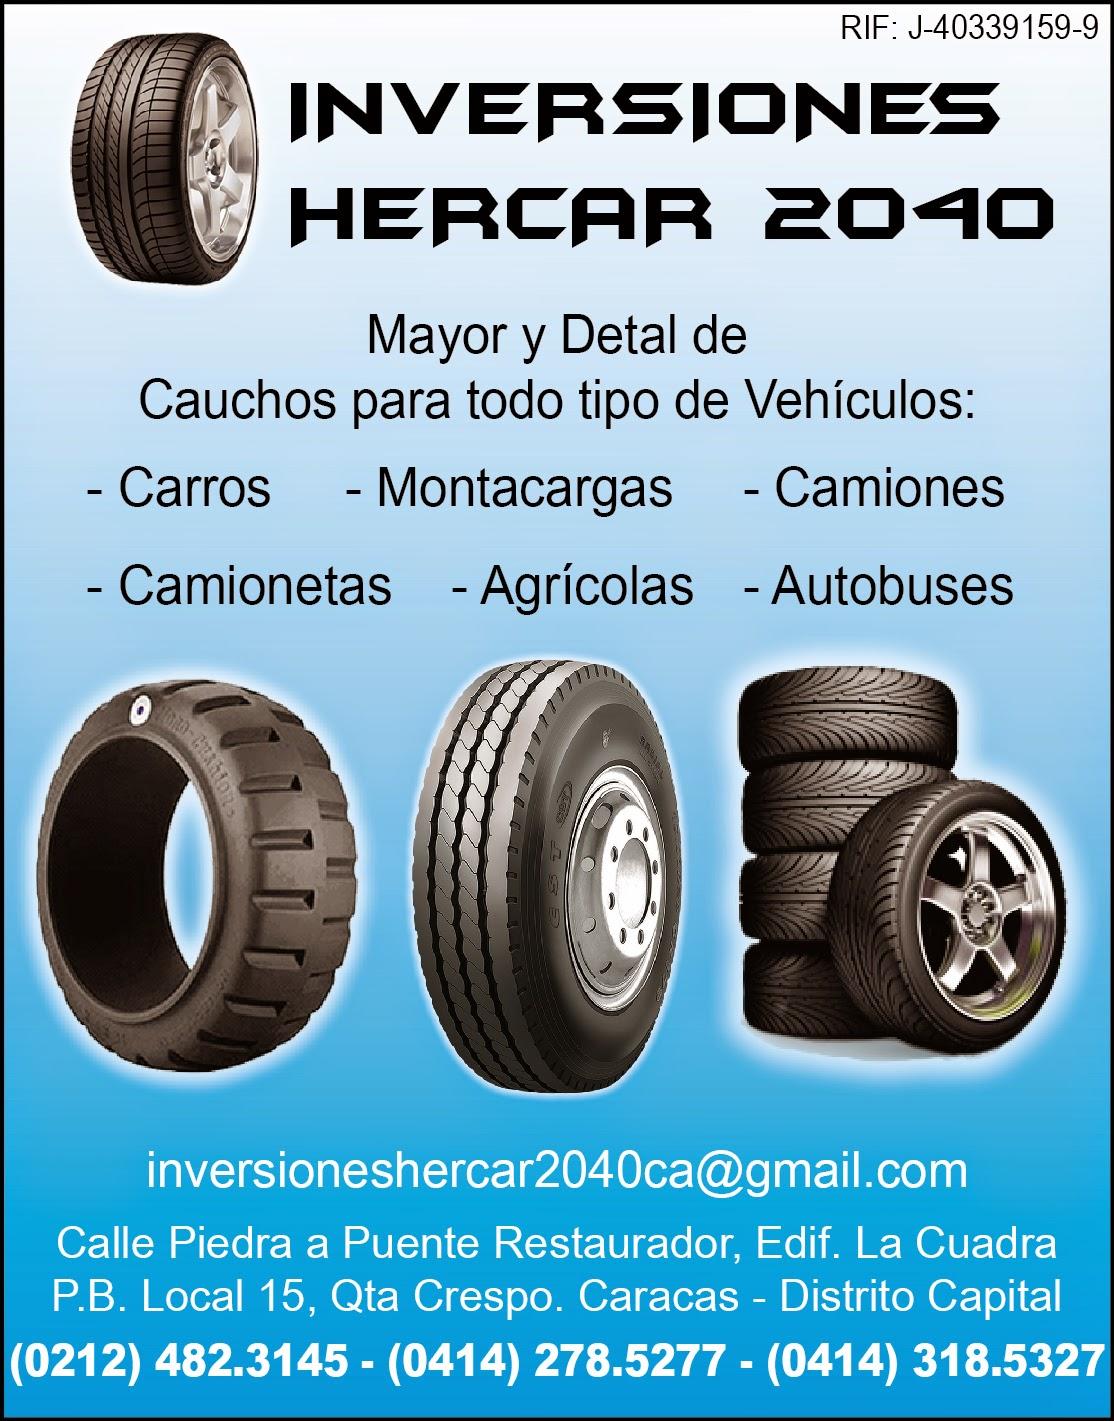 INVERSIONES HERCAR 2040 C.A. en Paginas Amarillas tu guia Comercial